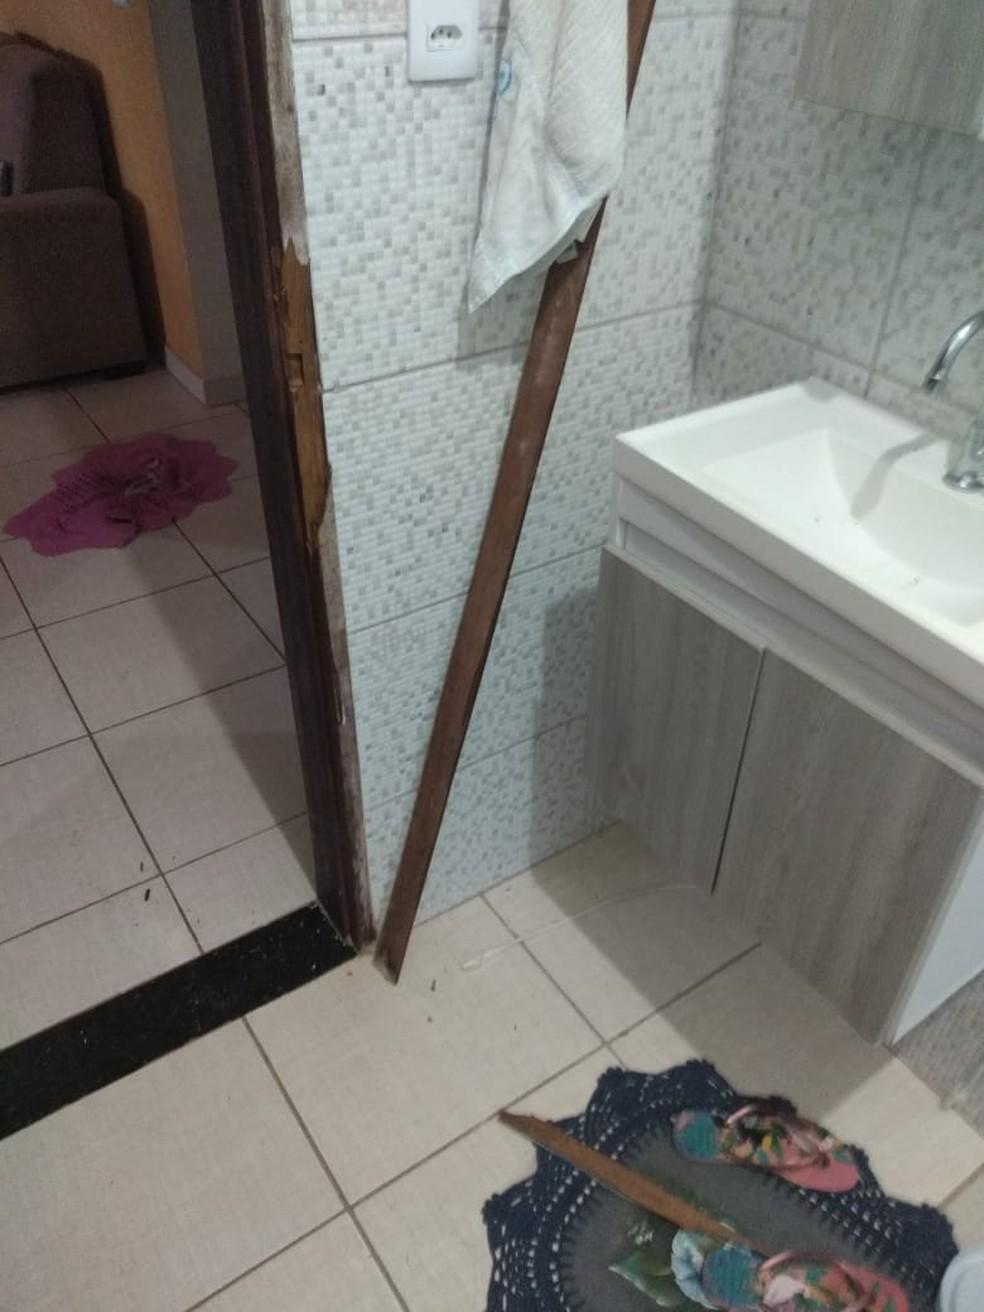 Casa do suspeito foi arrombada no momento da prisão em Santo Expedito — Foto: Sílvia Duarte de Oliveira Couto/Cedida